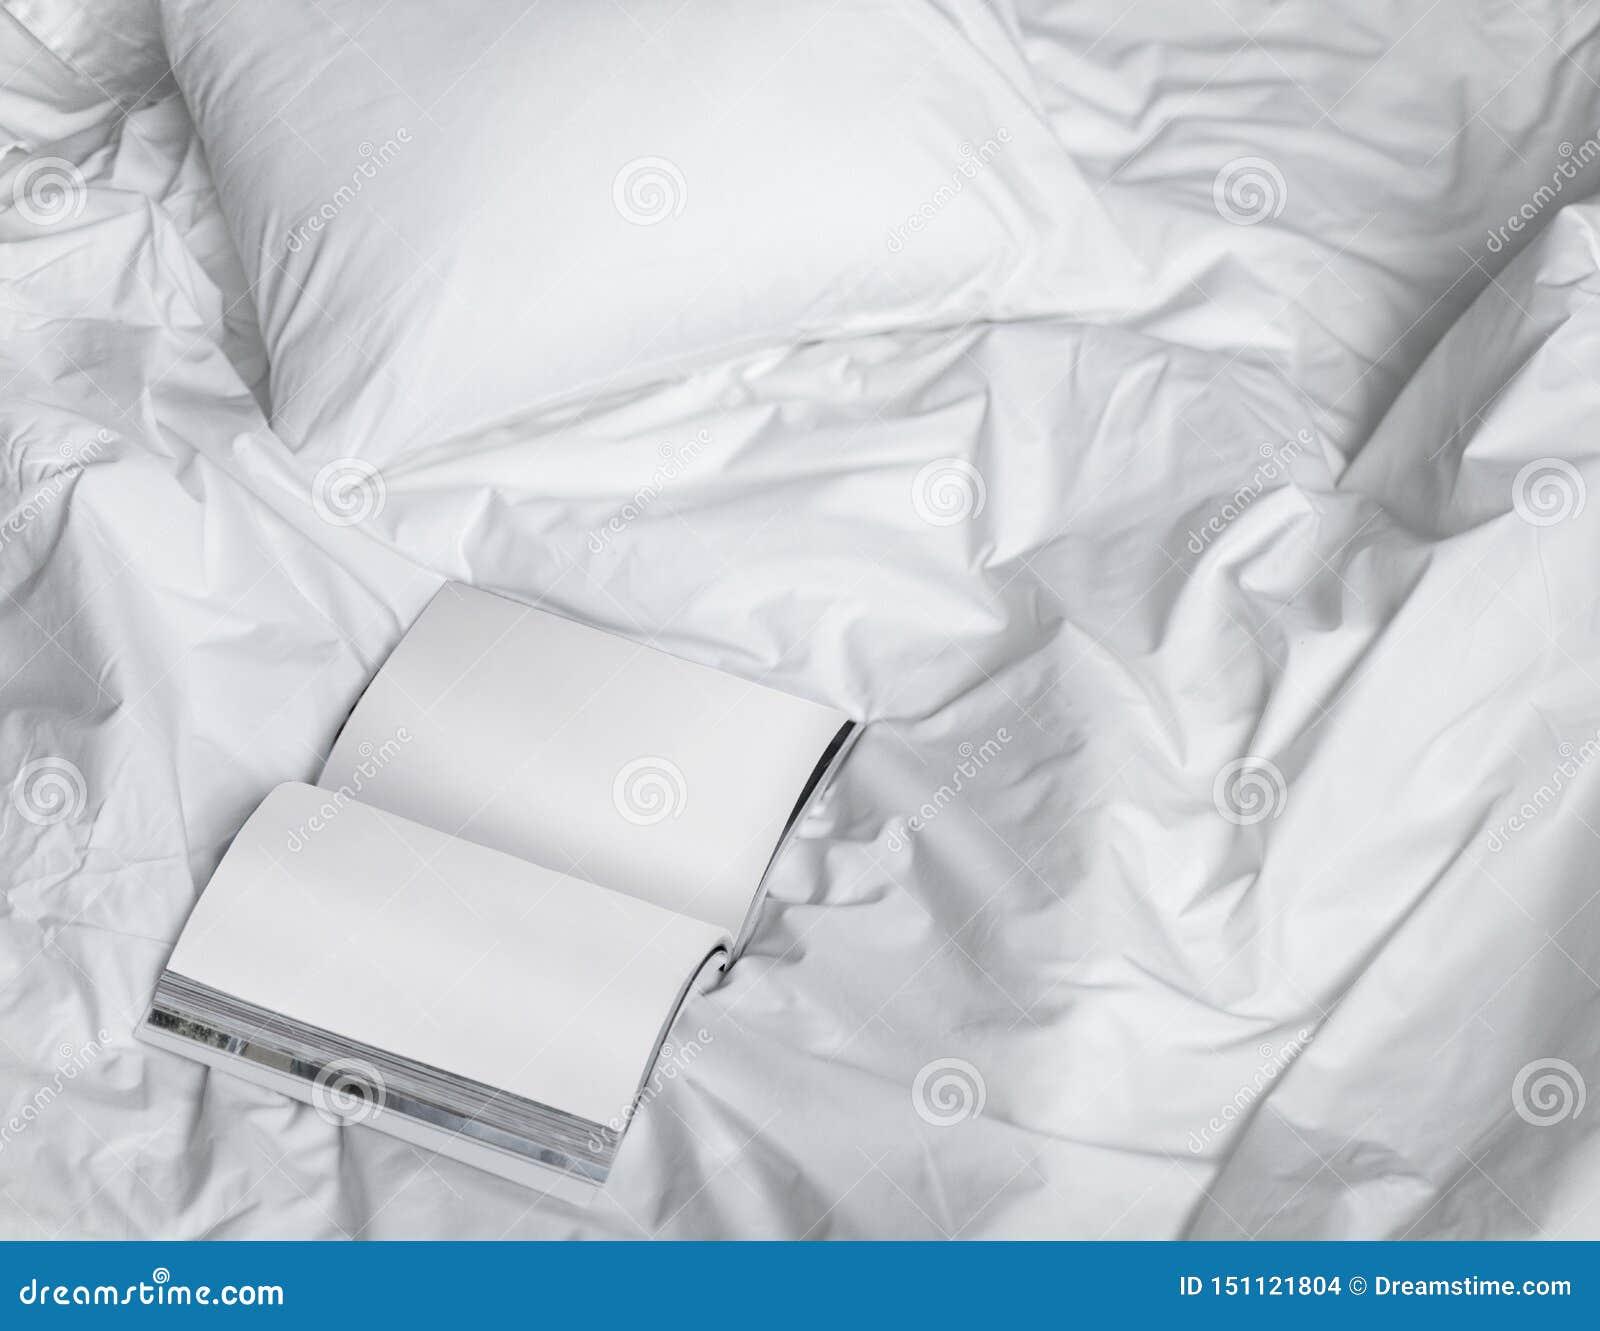 Livre sur le lit malpropre, composition créative en photo avec le livre et lit blanc sous la lumière du soleil de la fenêtre